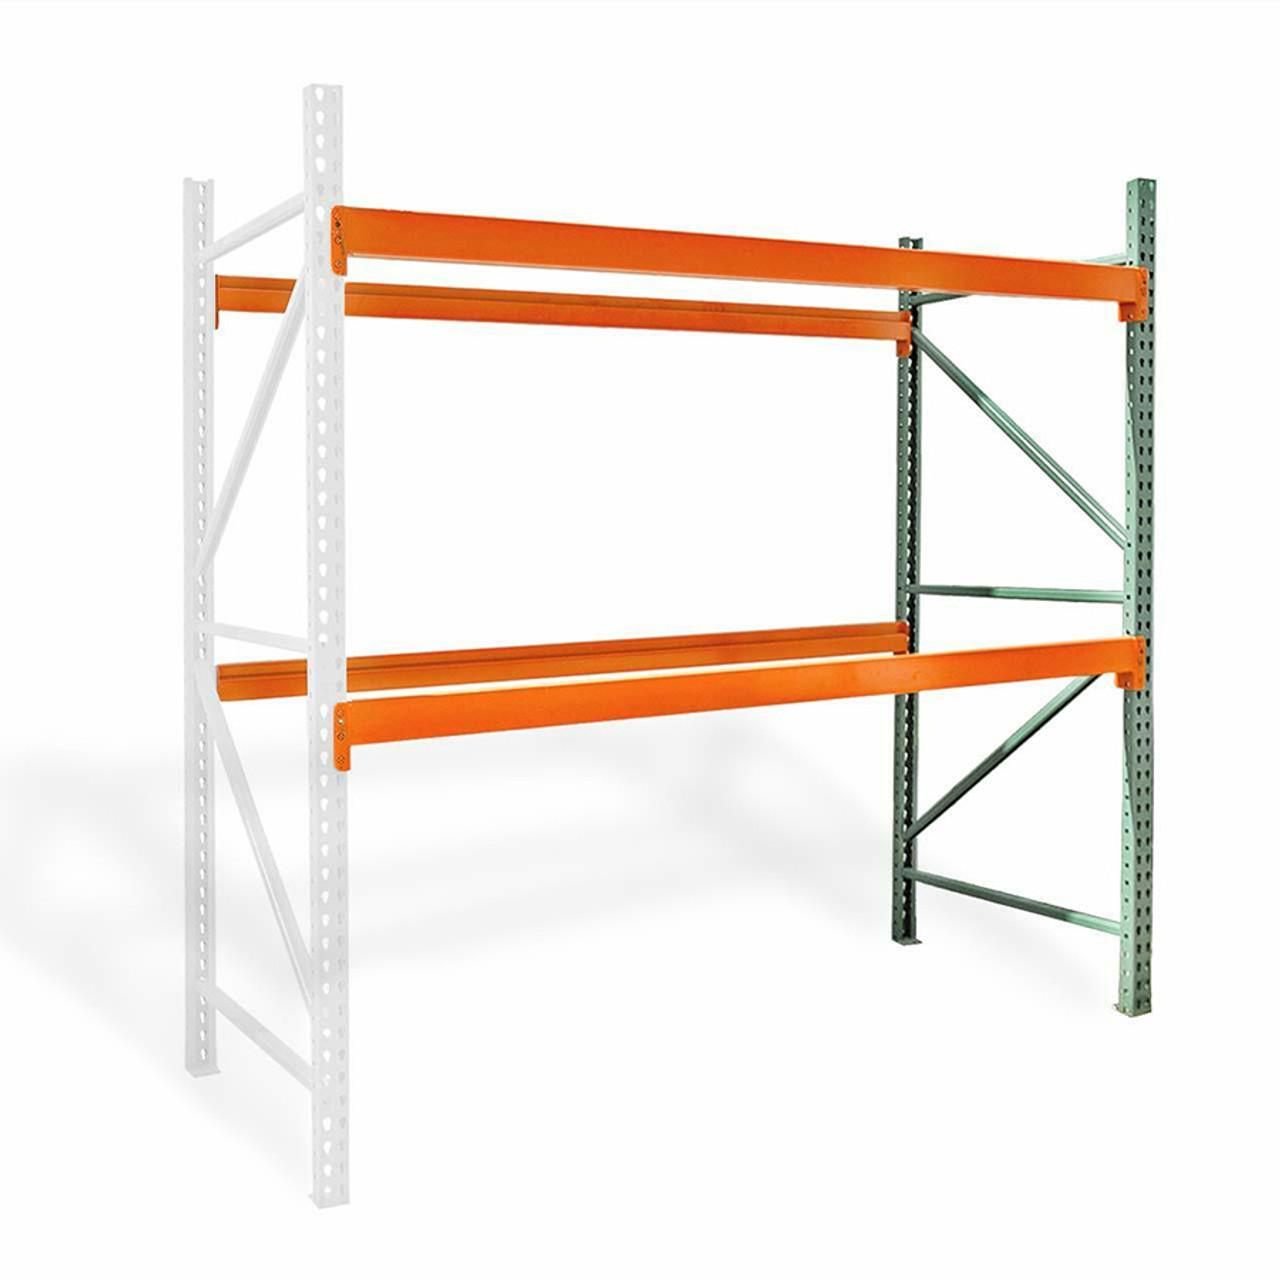 Pallet rack adder kit